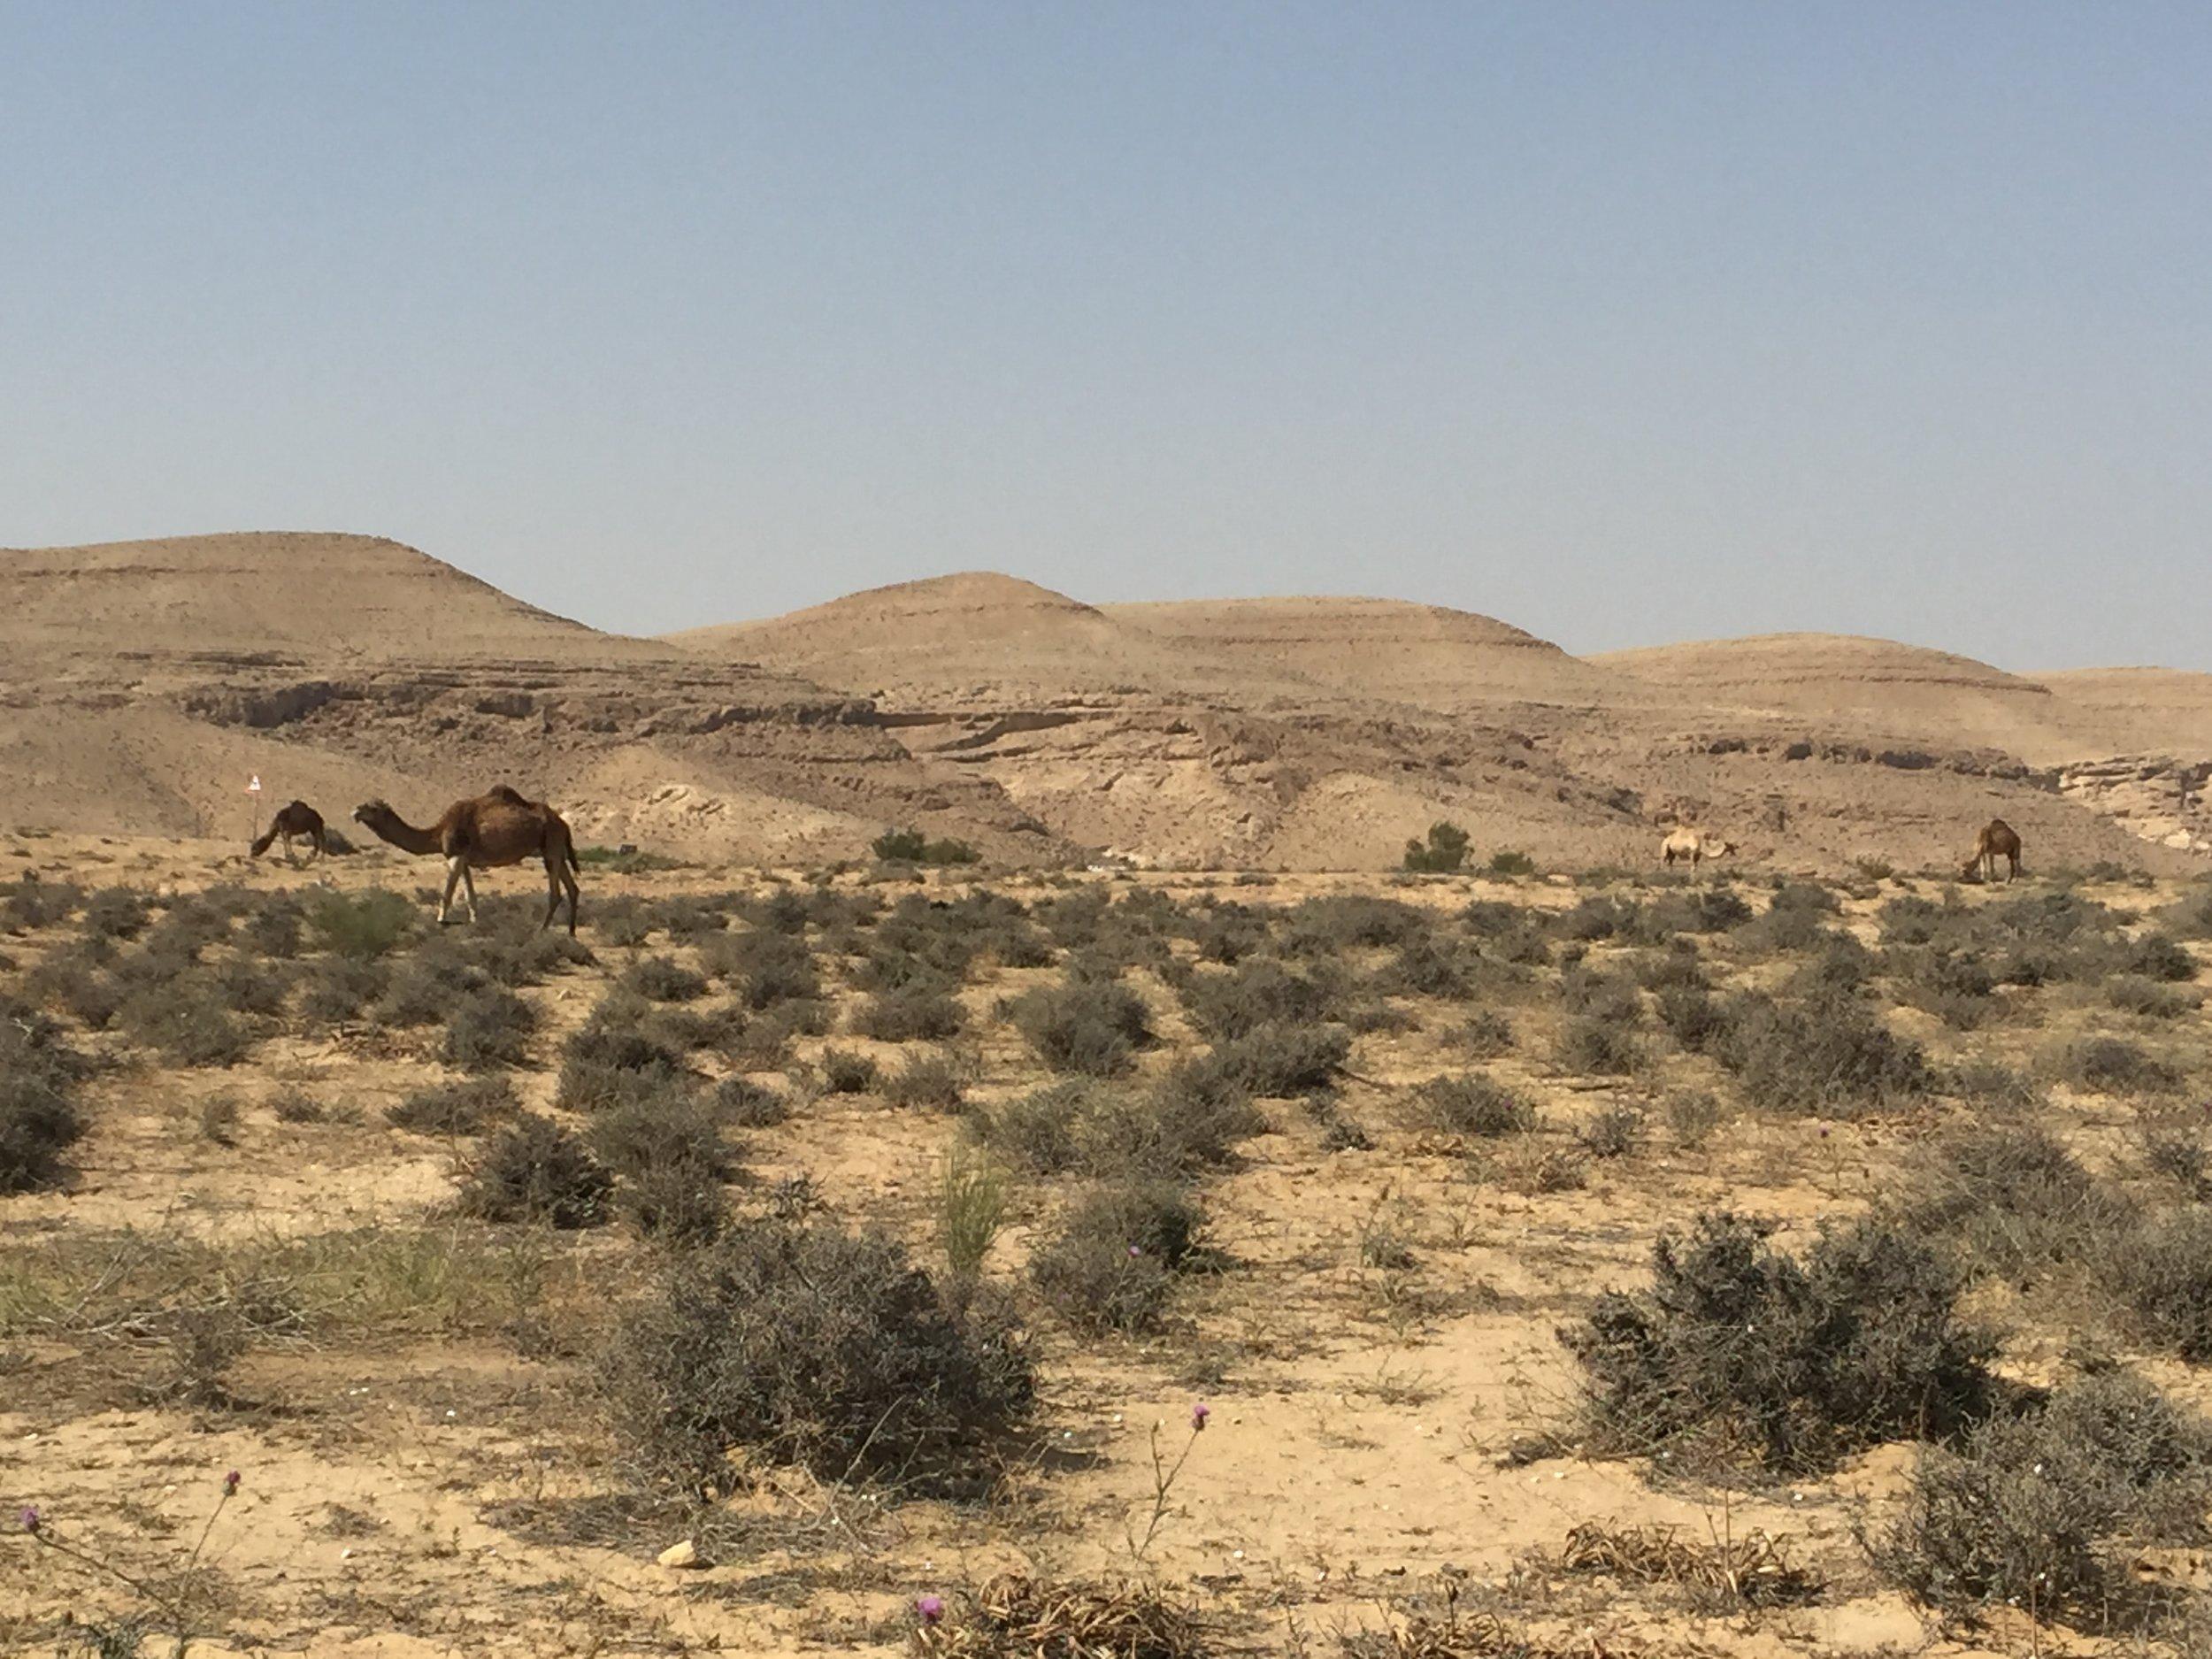 Camel in the Negev Desert, Israel